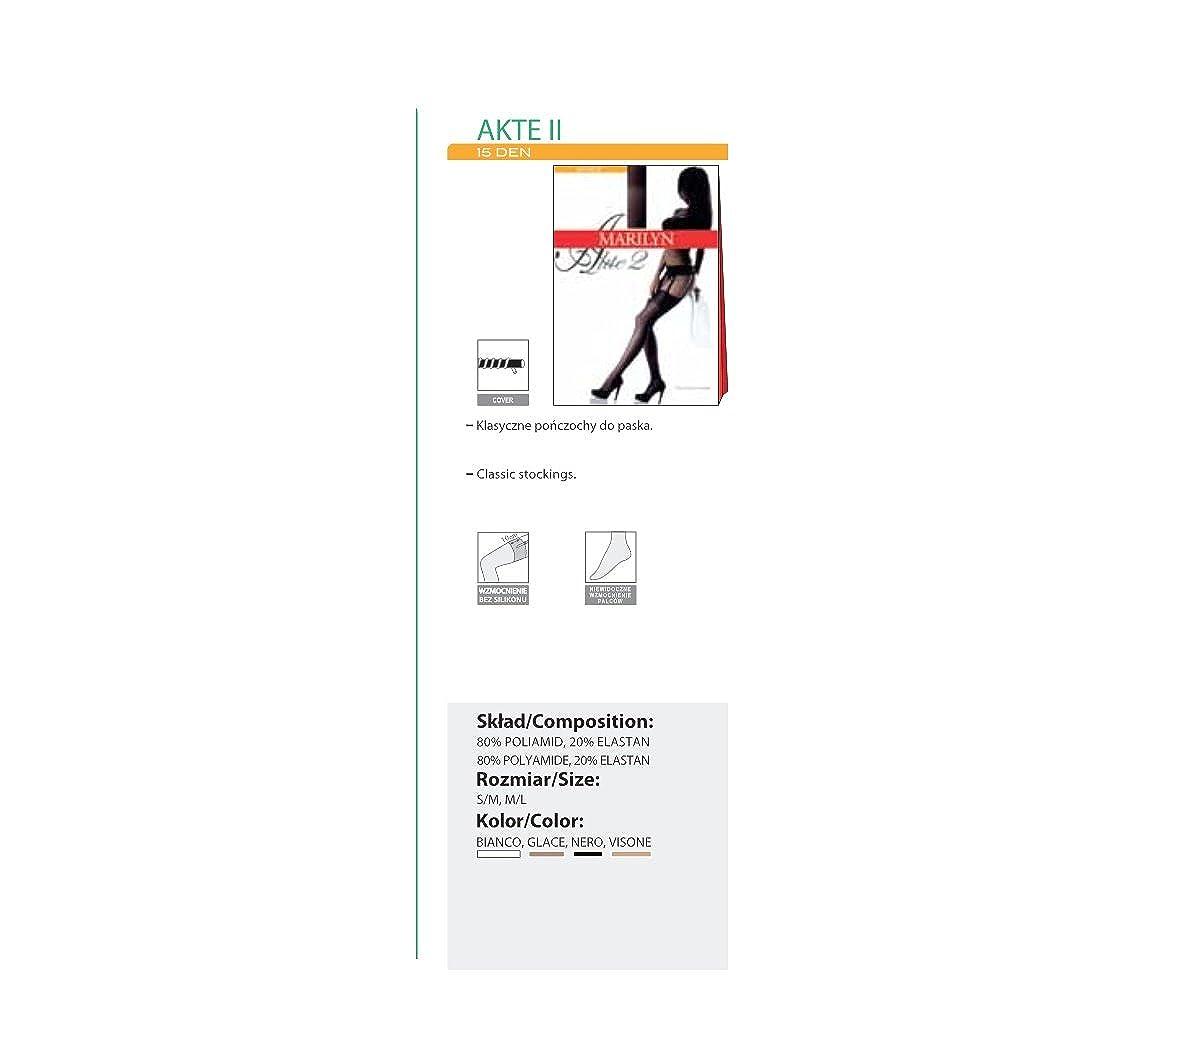 Marilyn Classiche Calza a Nastro Rinforzate con Cinturino di 10 cm 15 Denari